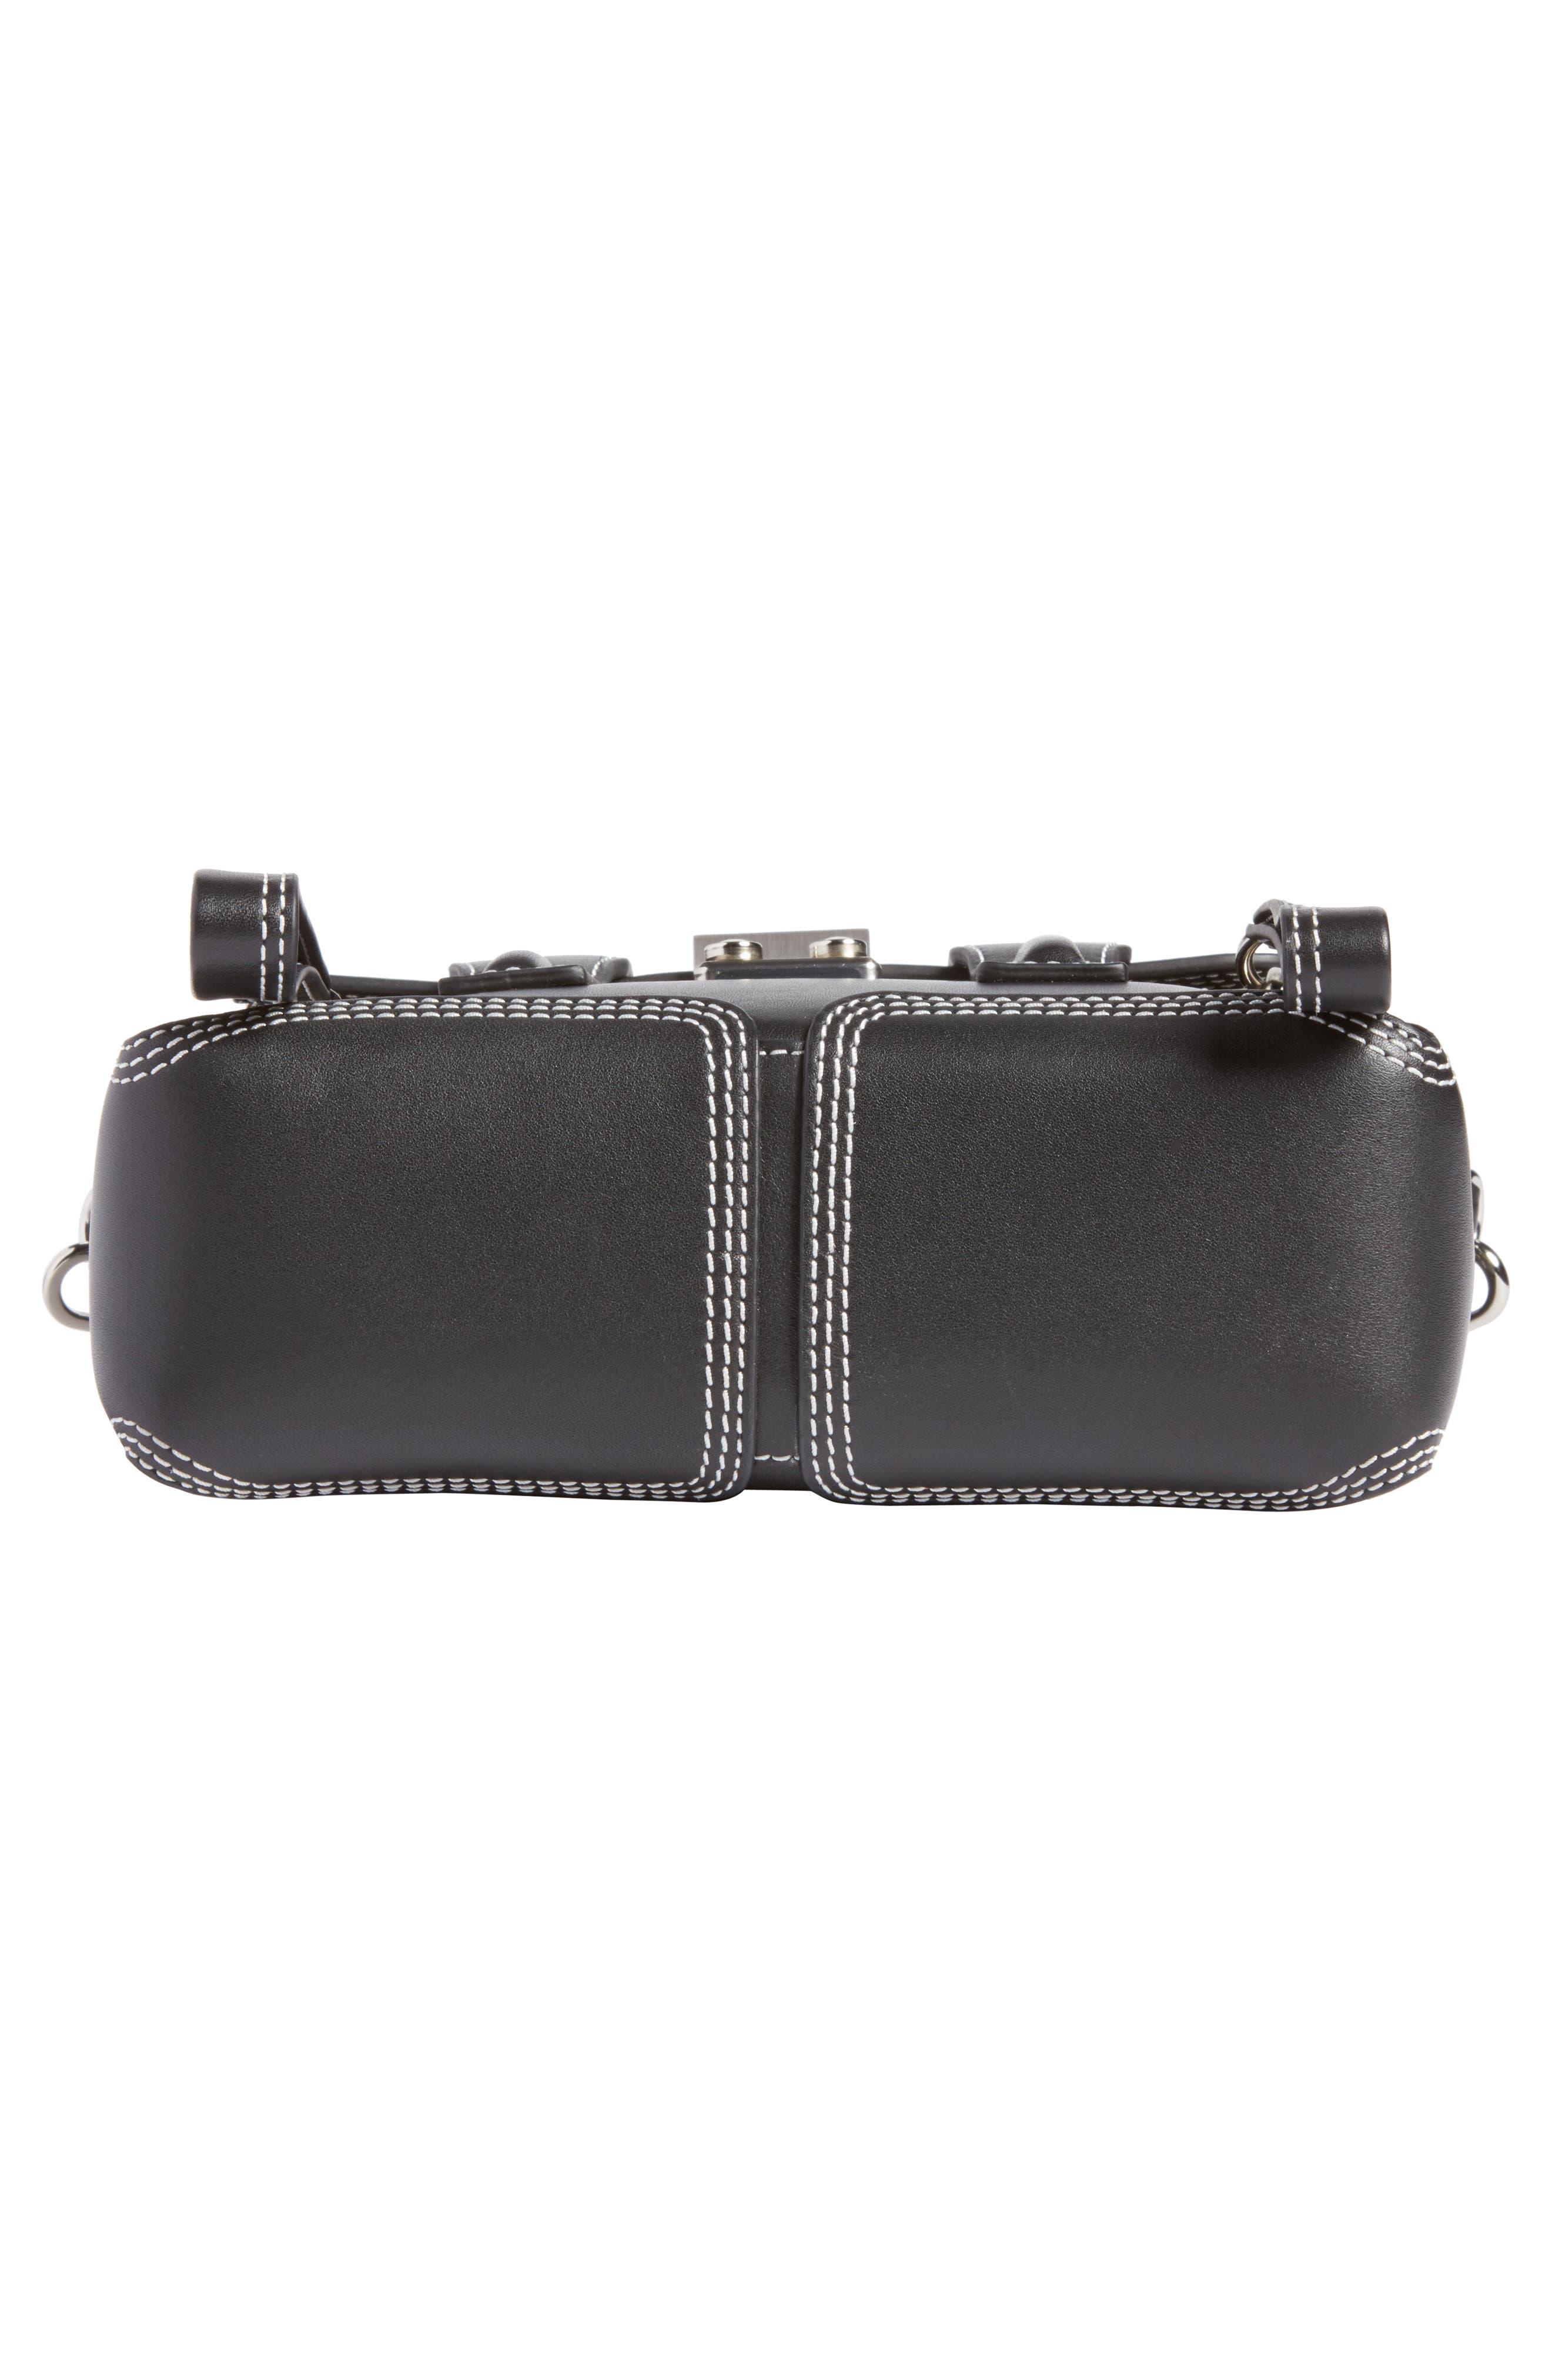 Mini Pashli Leather Satchel,                             Alternate thumbnail 5, color,                             Black